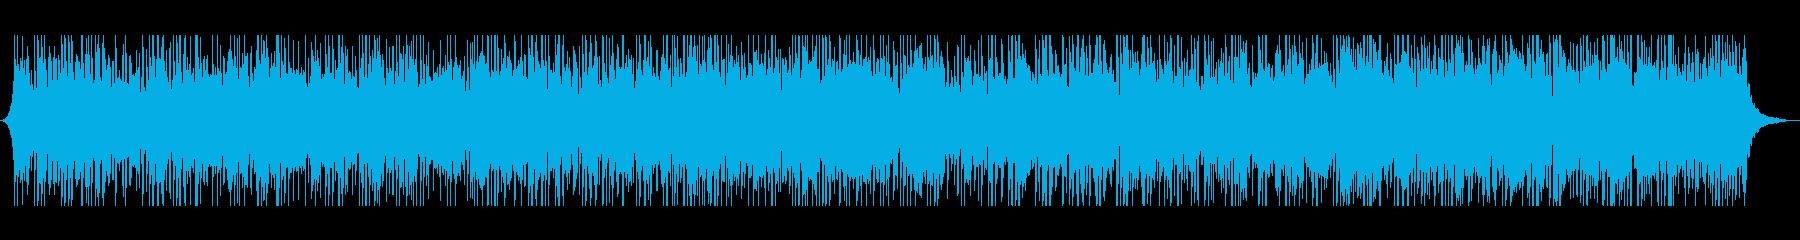 企業VP、シンセ、浮遊感【リズム抜き】の再生済みの波形